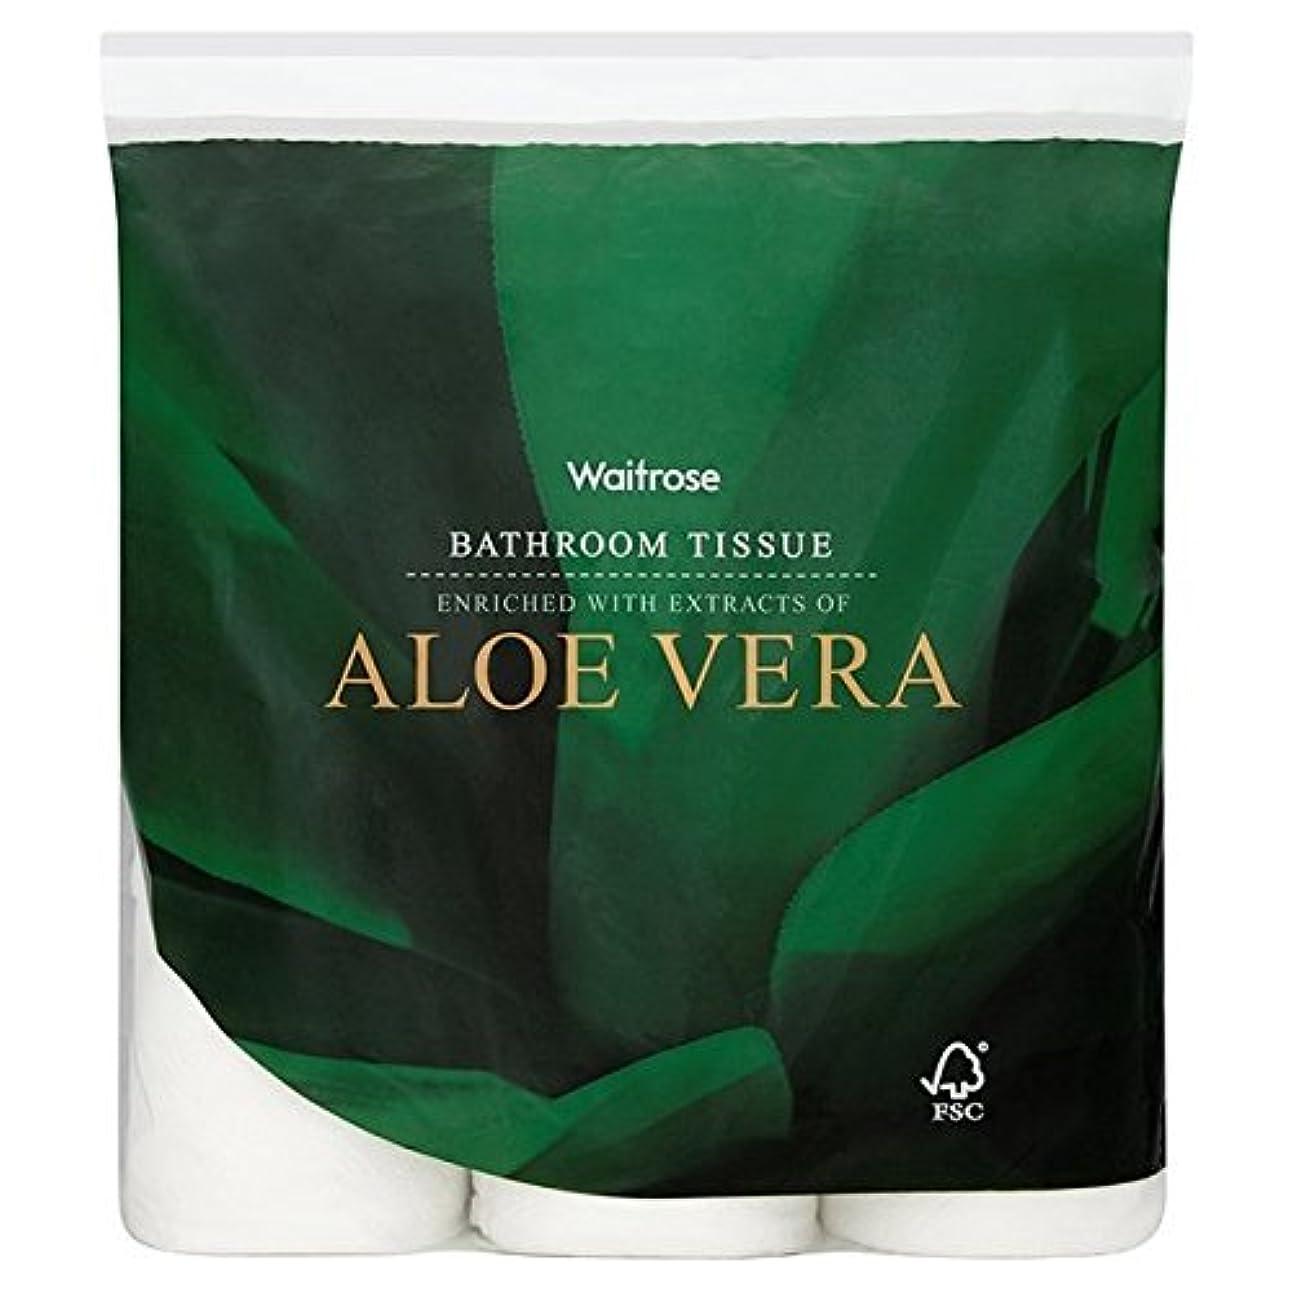 流目指すさらにAloe Vera Bathroom Tissue White Waitrose 9 per pack - パックあたりアロエベラ浴室組織白ウェイトローズ9 [並行輸入品]